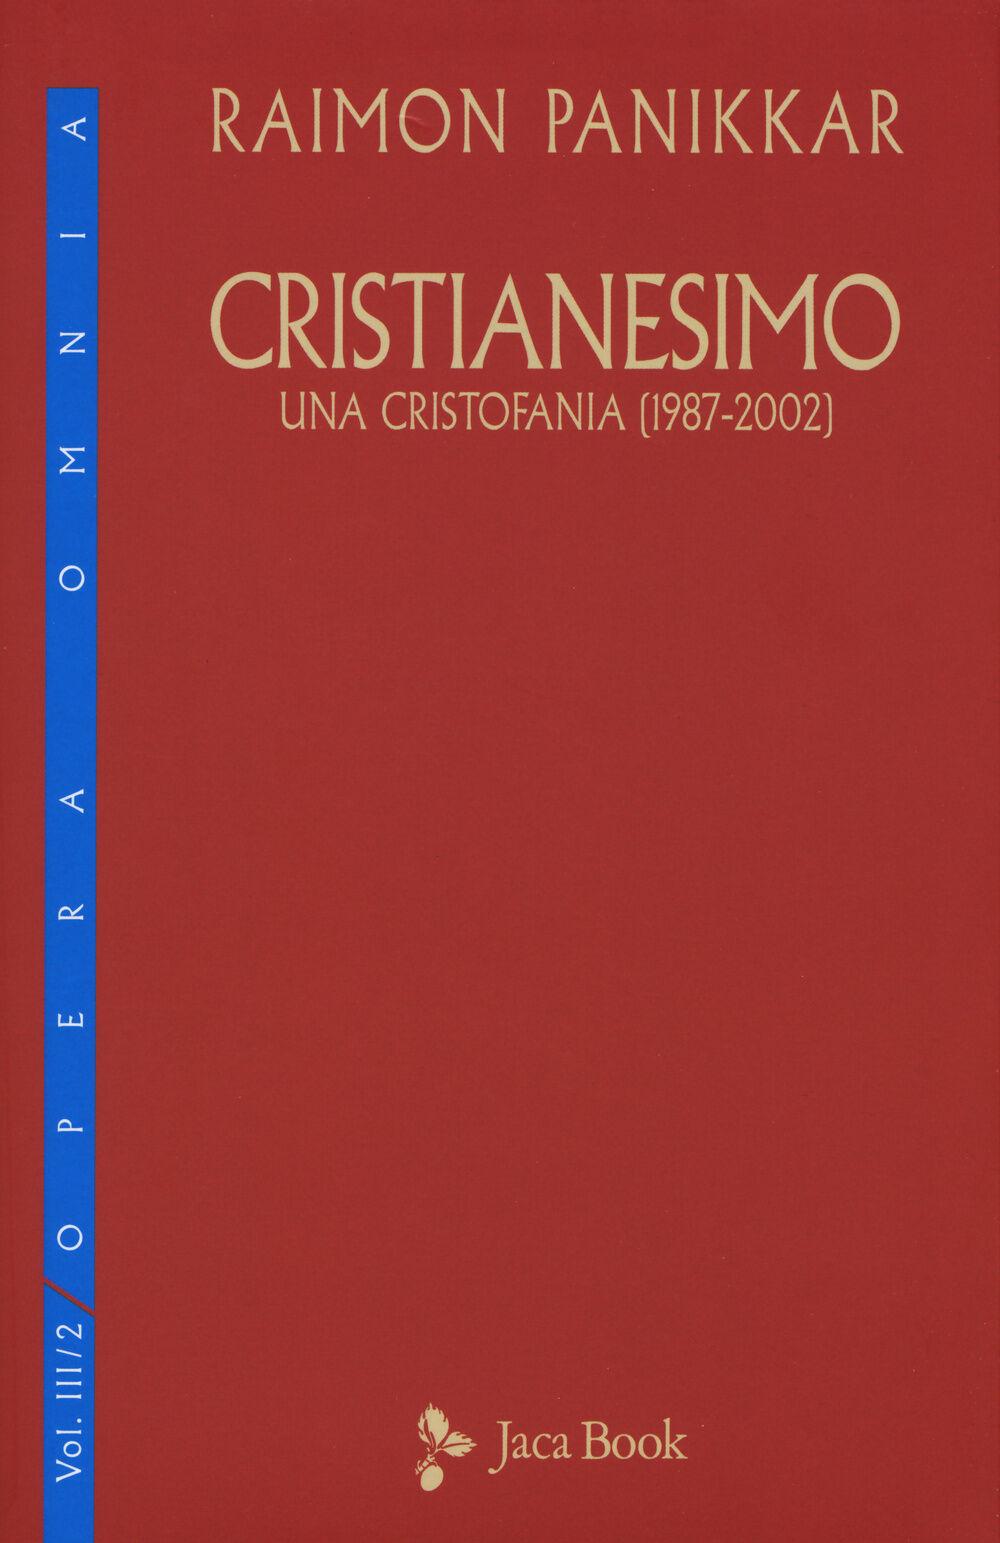 Cristianesimo. Una cristofania (1987-2002). Vol. 3\2